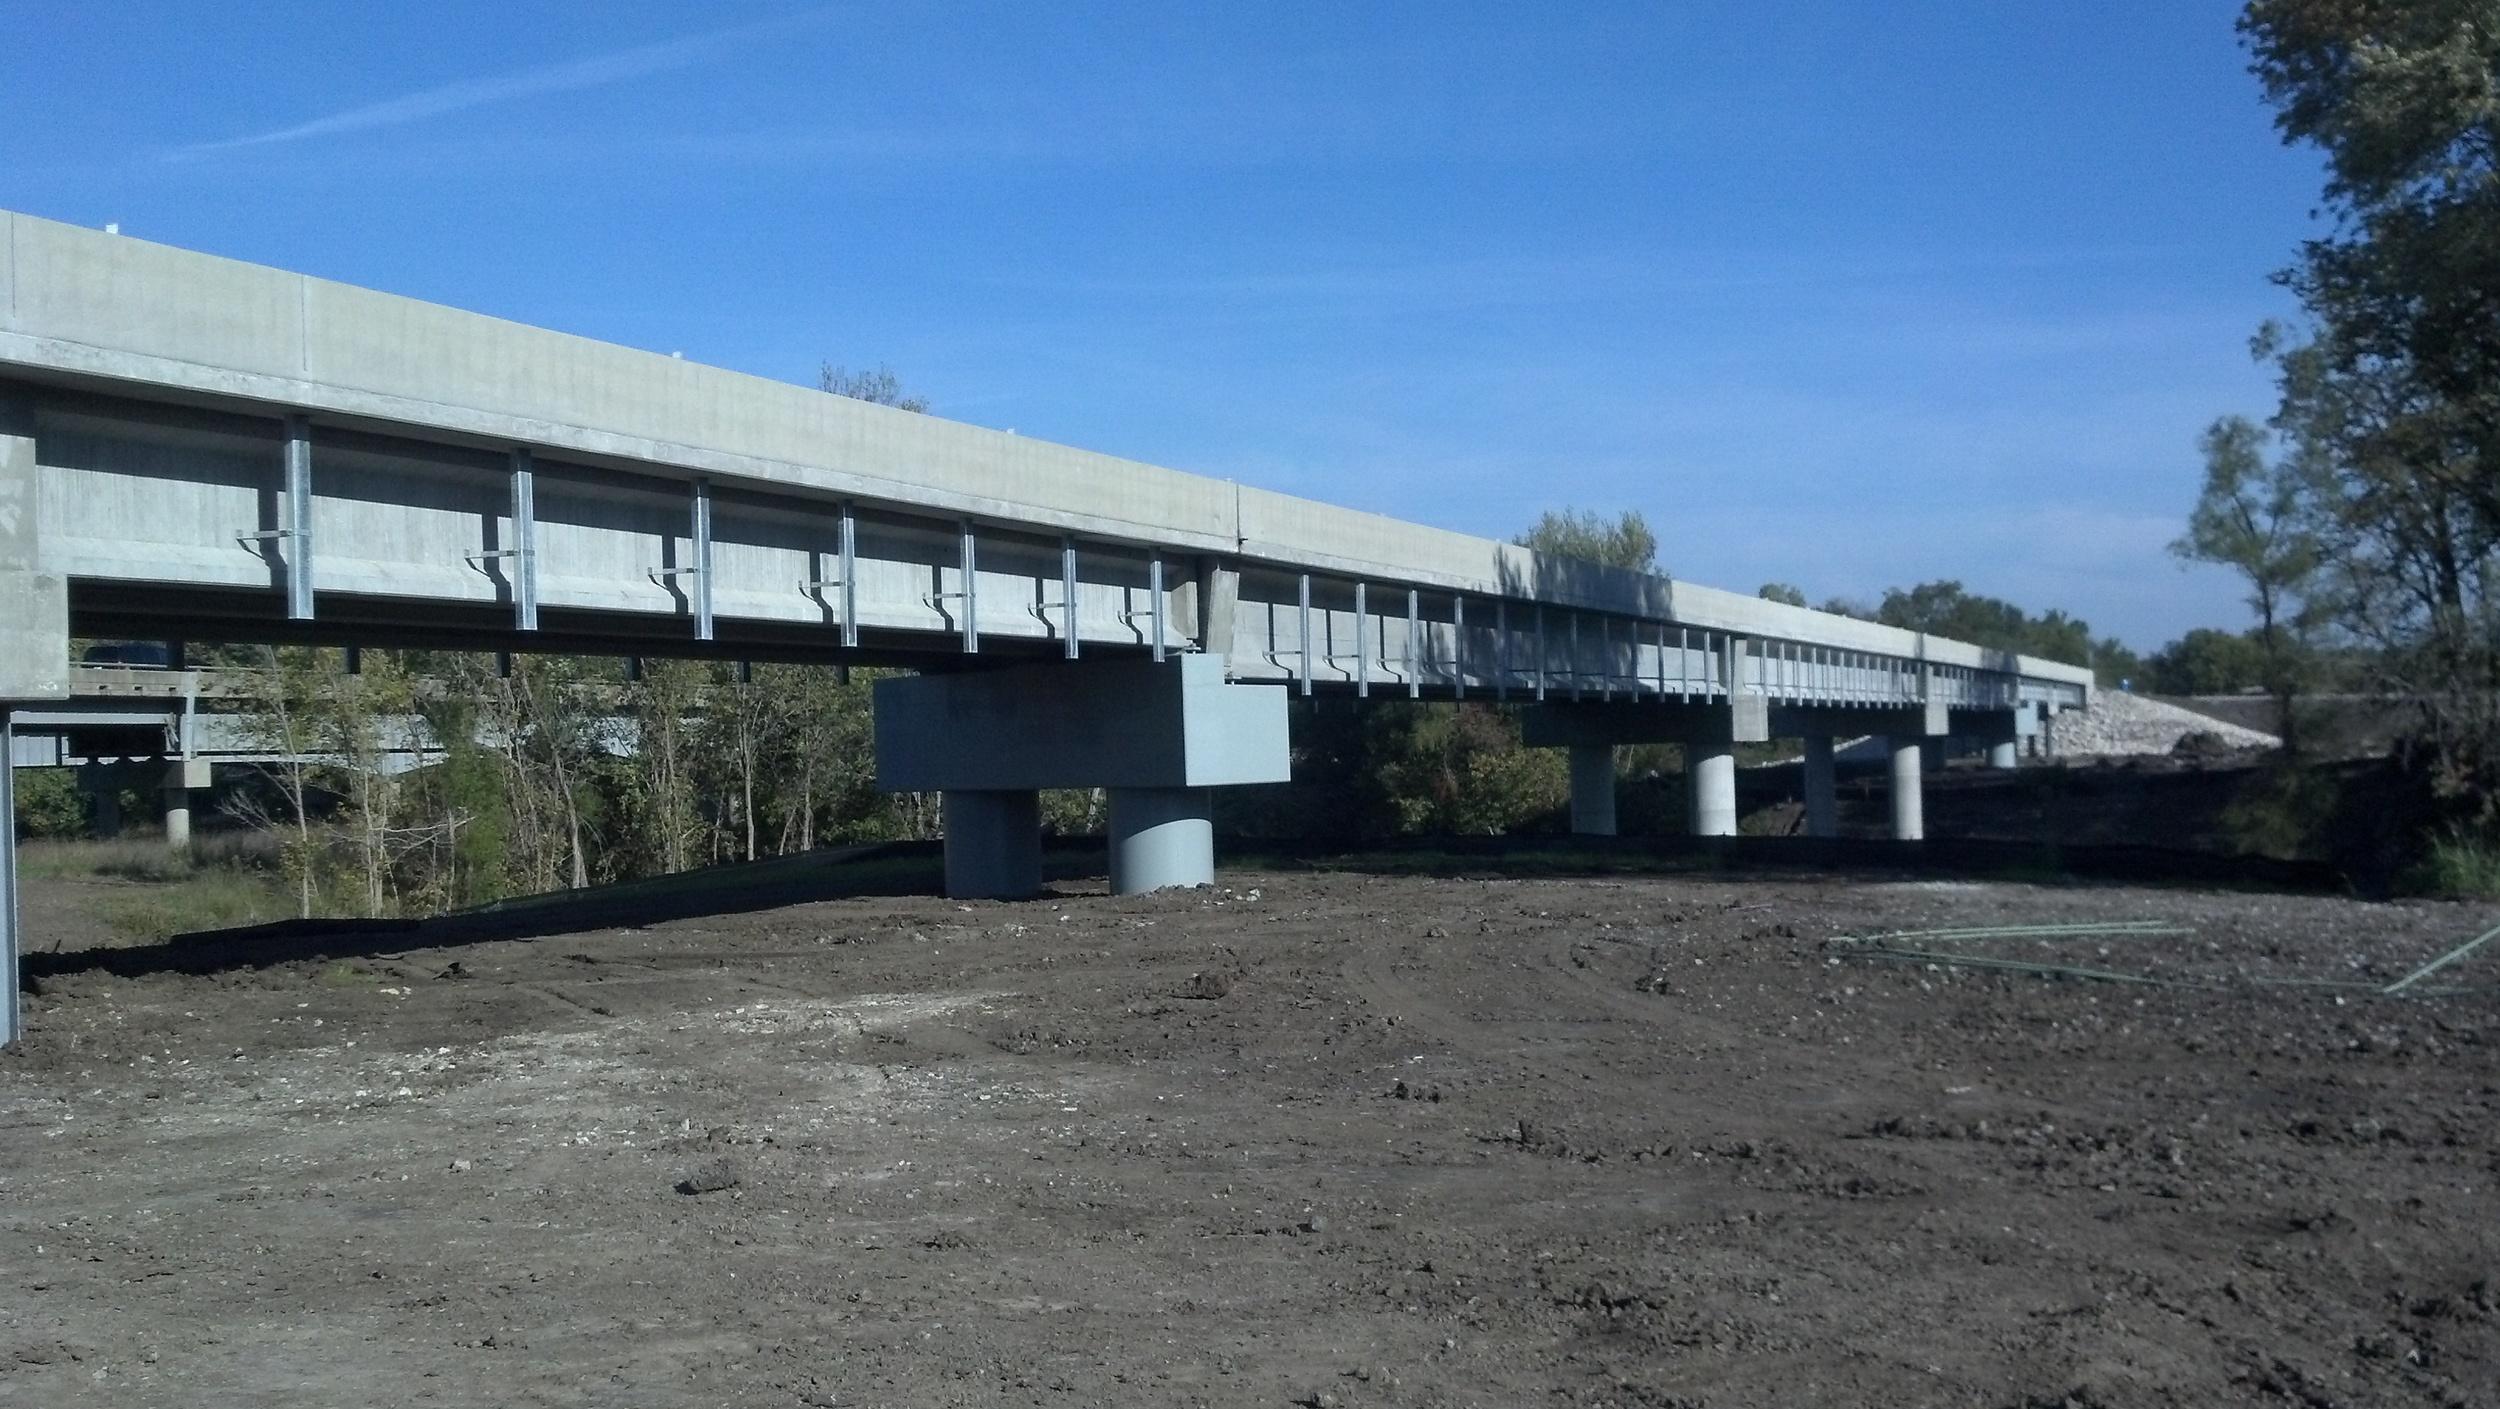 Rte. 71 Outer Rd Bridge, Bates City, MO